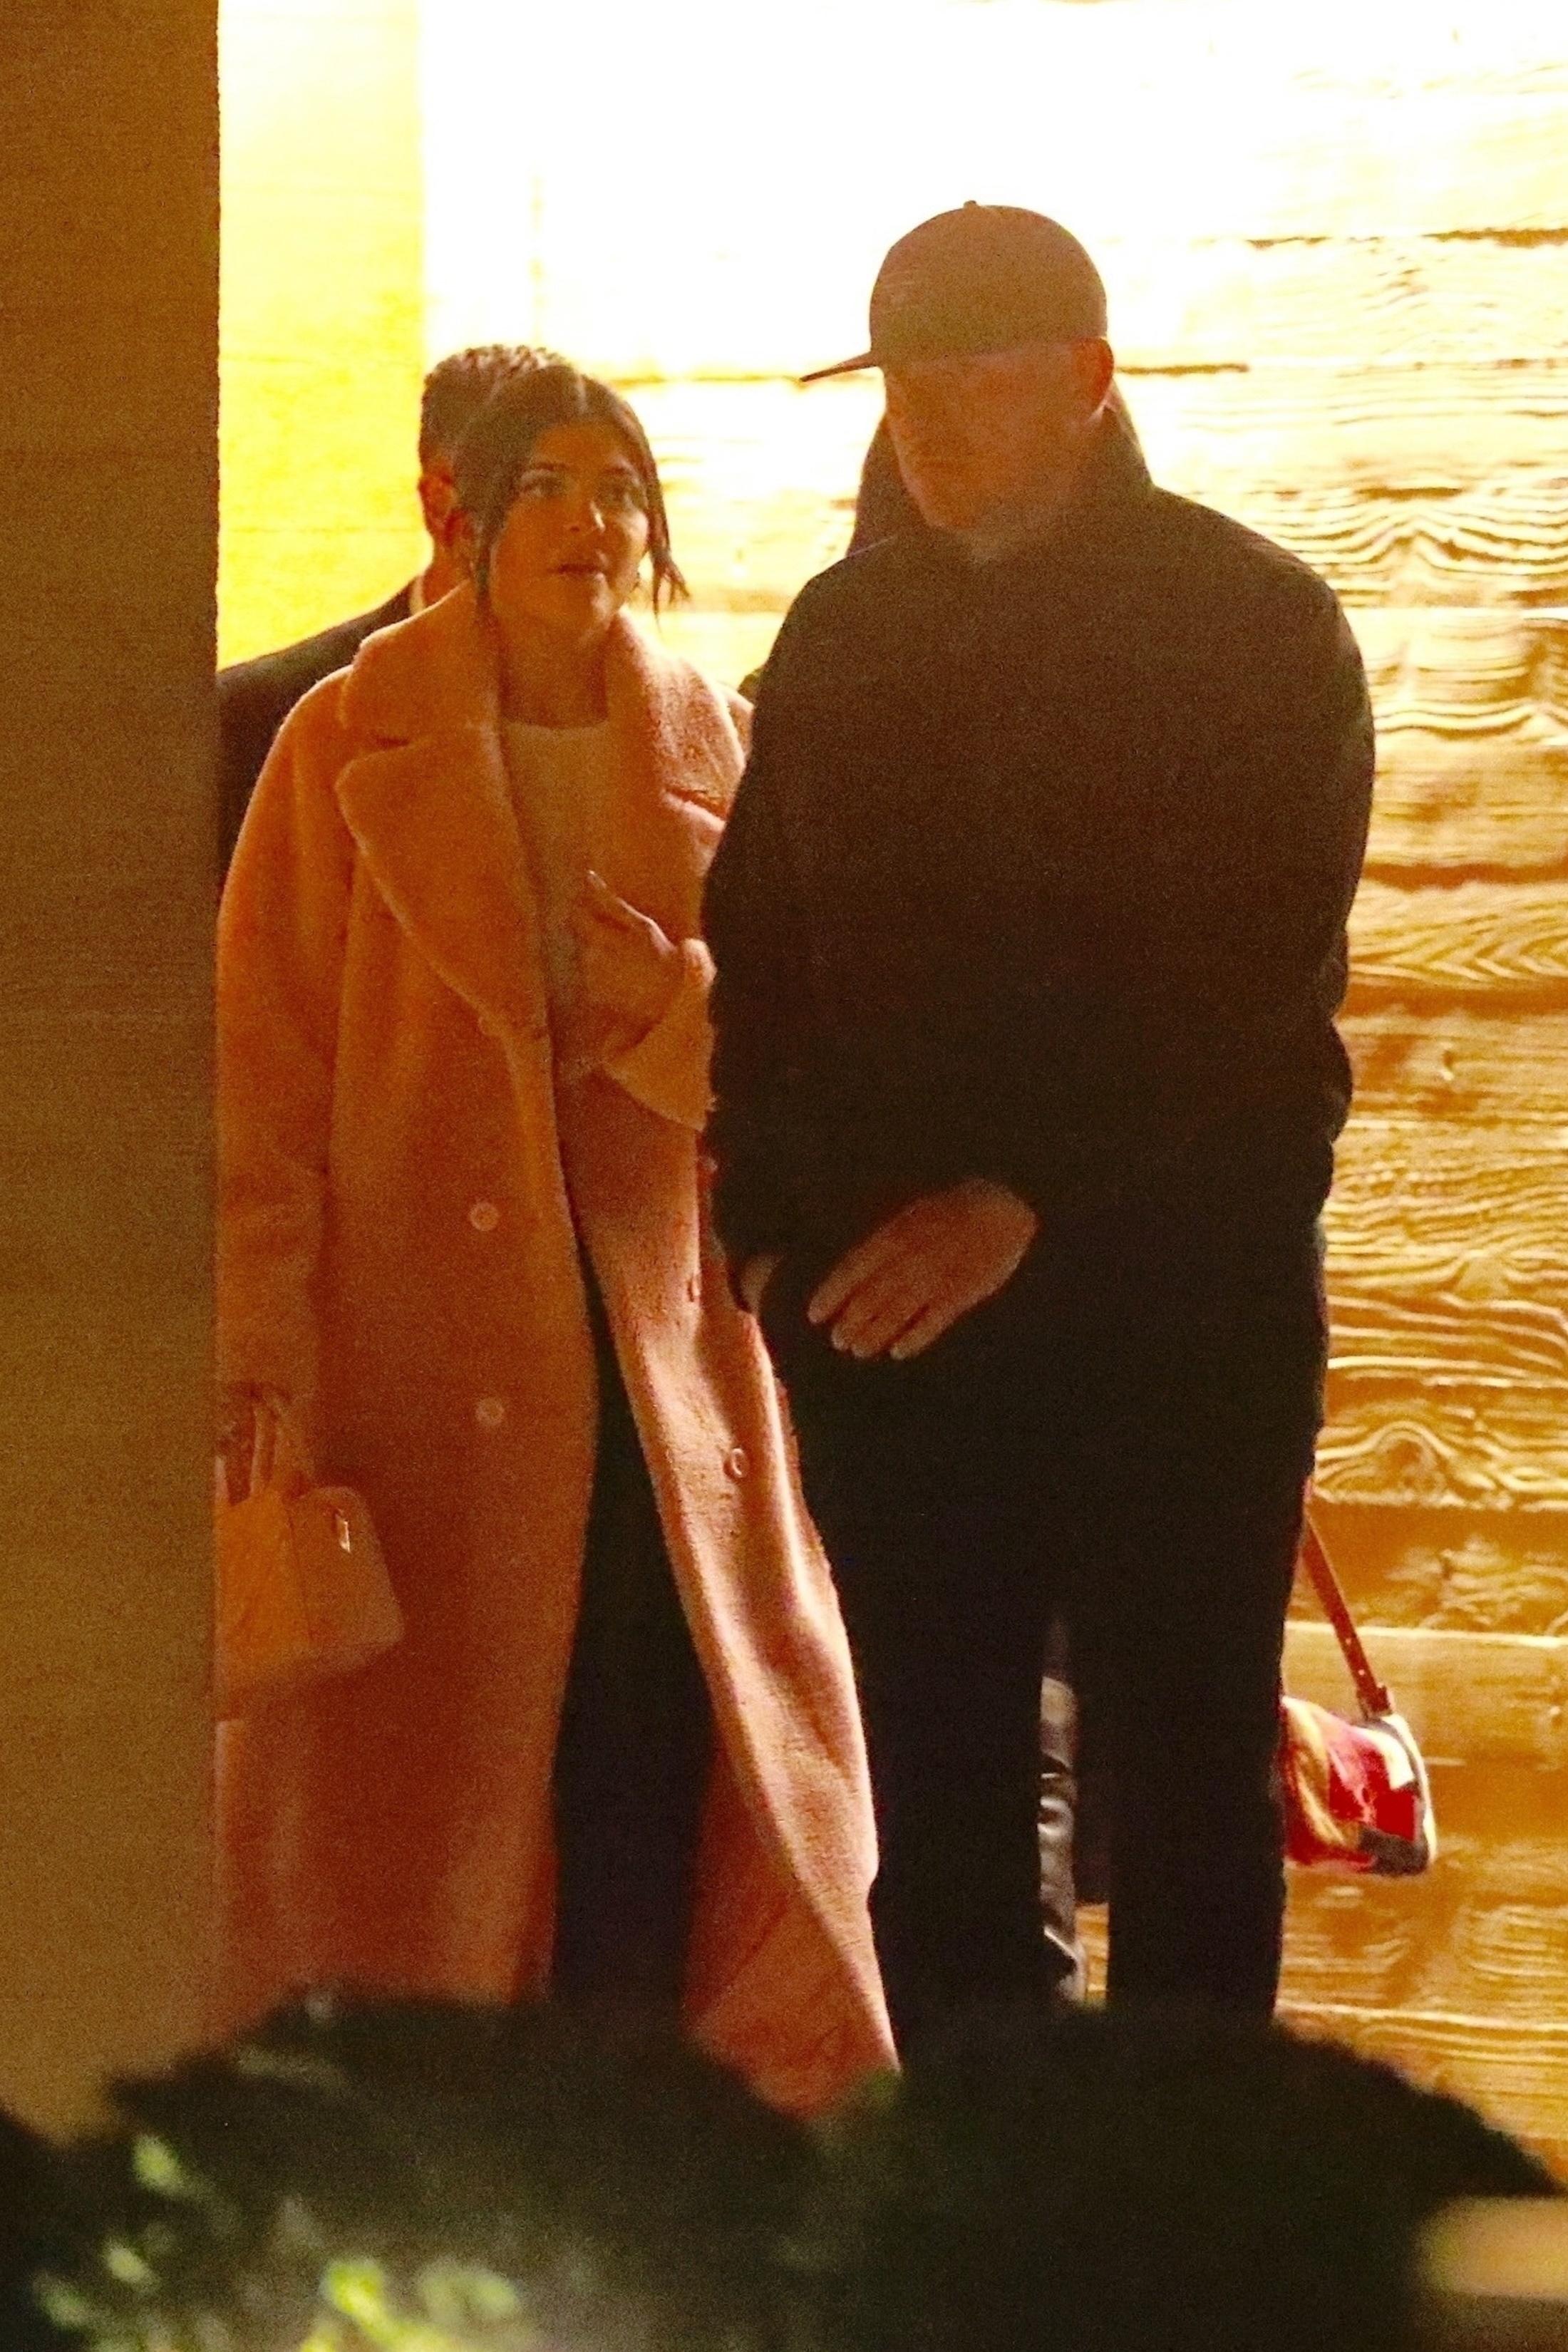 Kylie Jenner ukrywa ciążowy brzuszek pod wielkim płaszczem? (ZDJĘCIA)